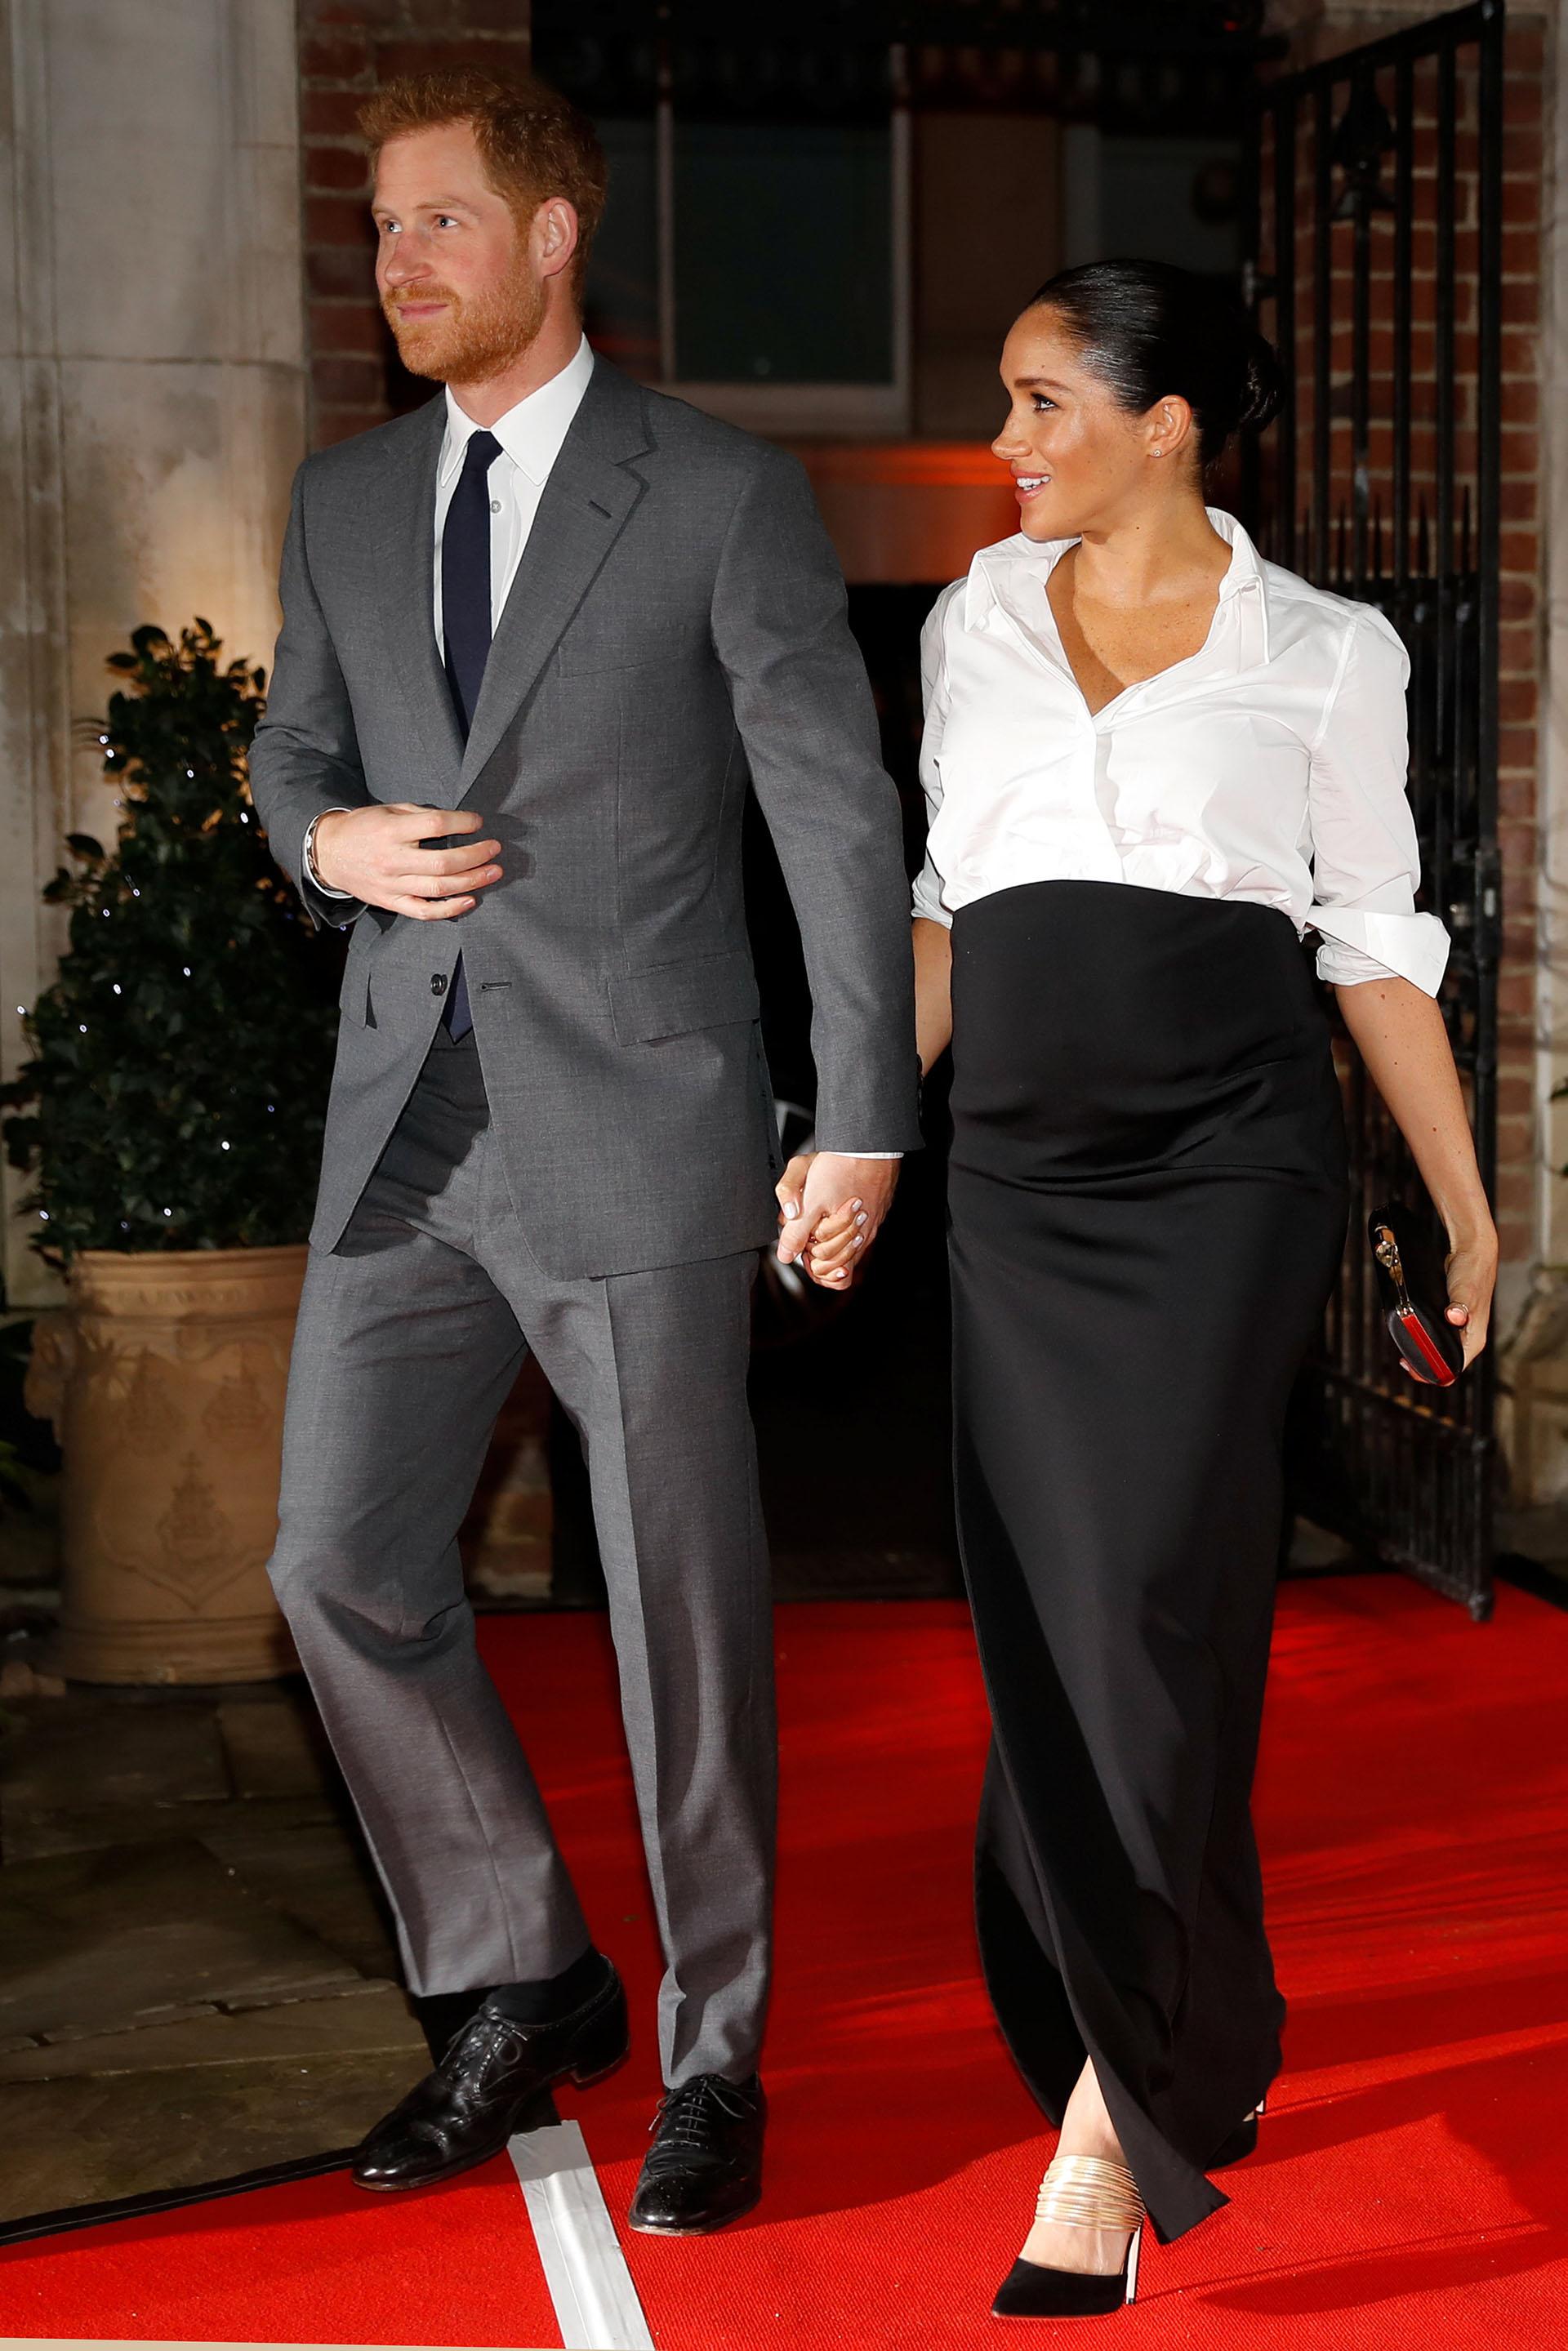 En la dulce espera de su primer hijo, Meghan cautivó con un sencillo outfit, compuesto por una camisa blanca y una falda negra